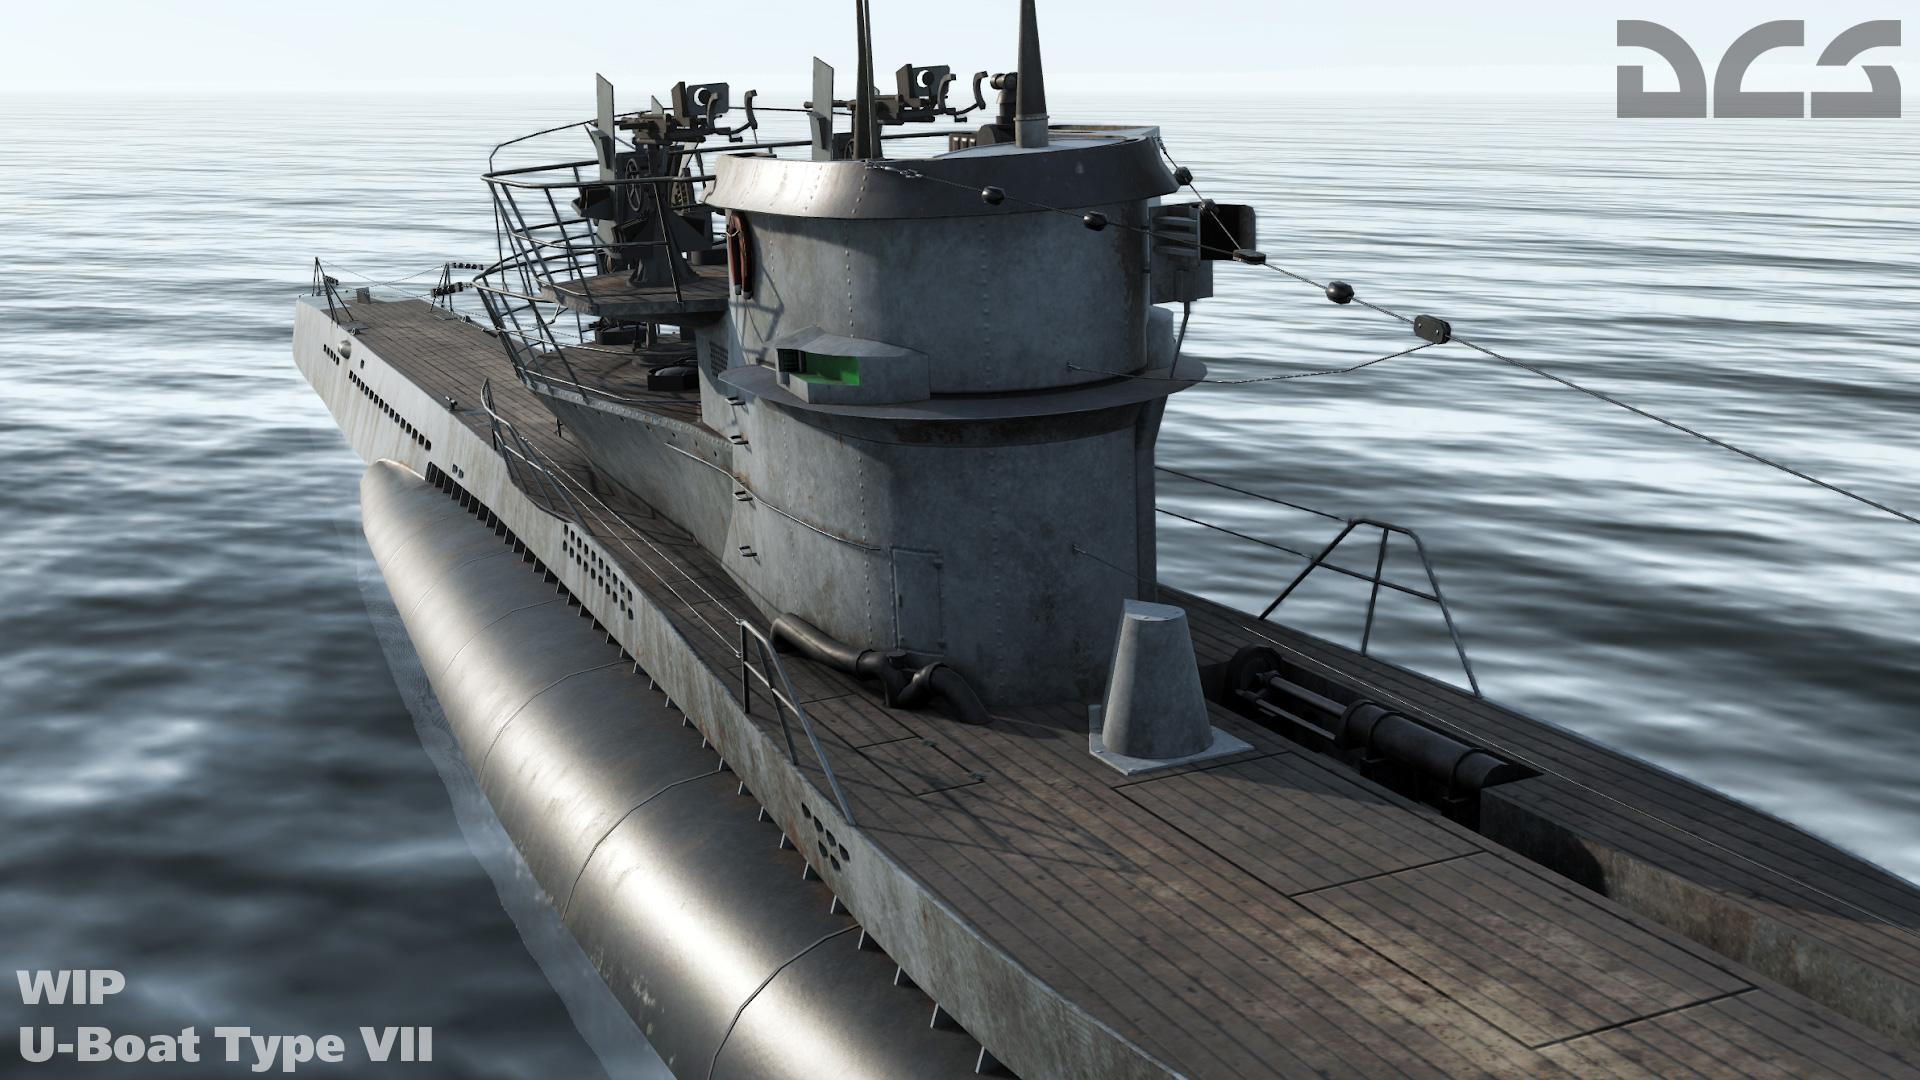 WIP-U-boat-Type-VII-01.jpg